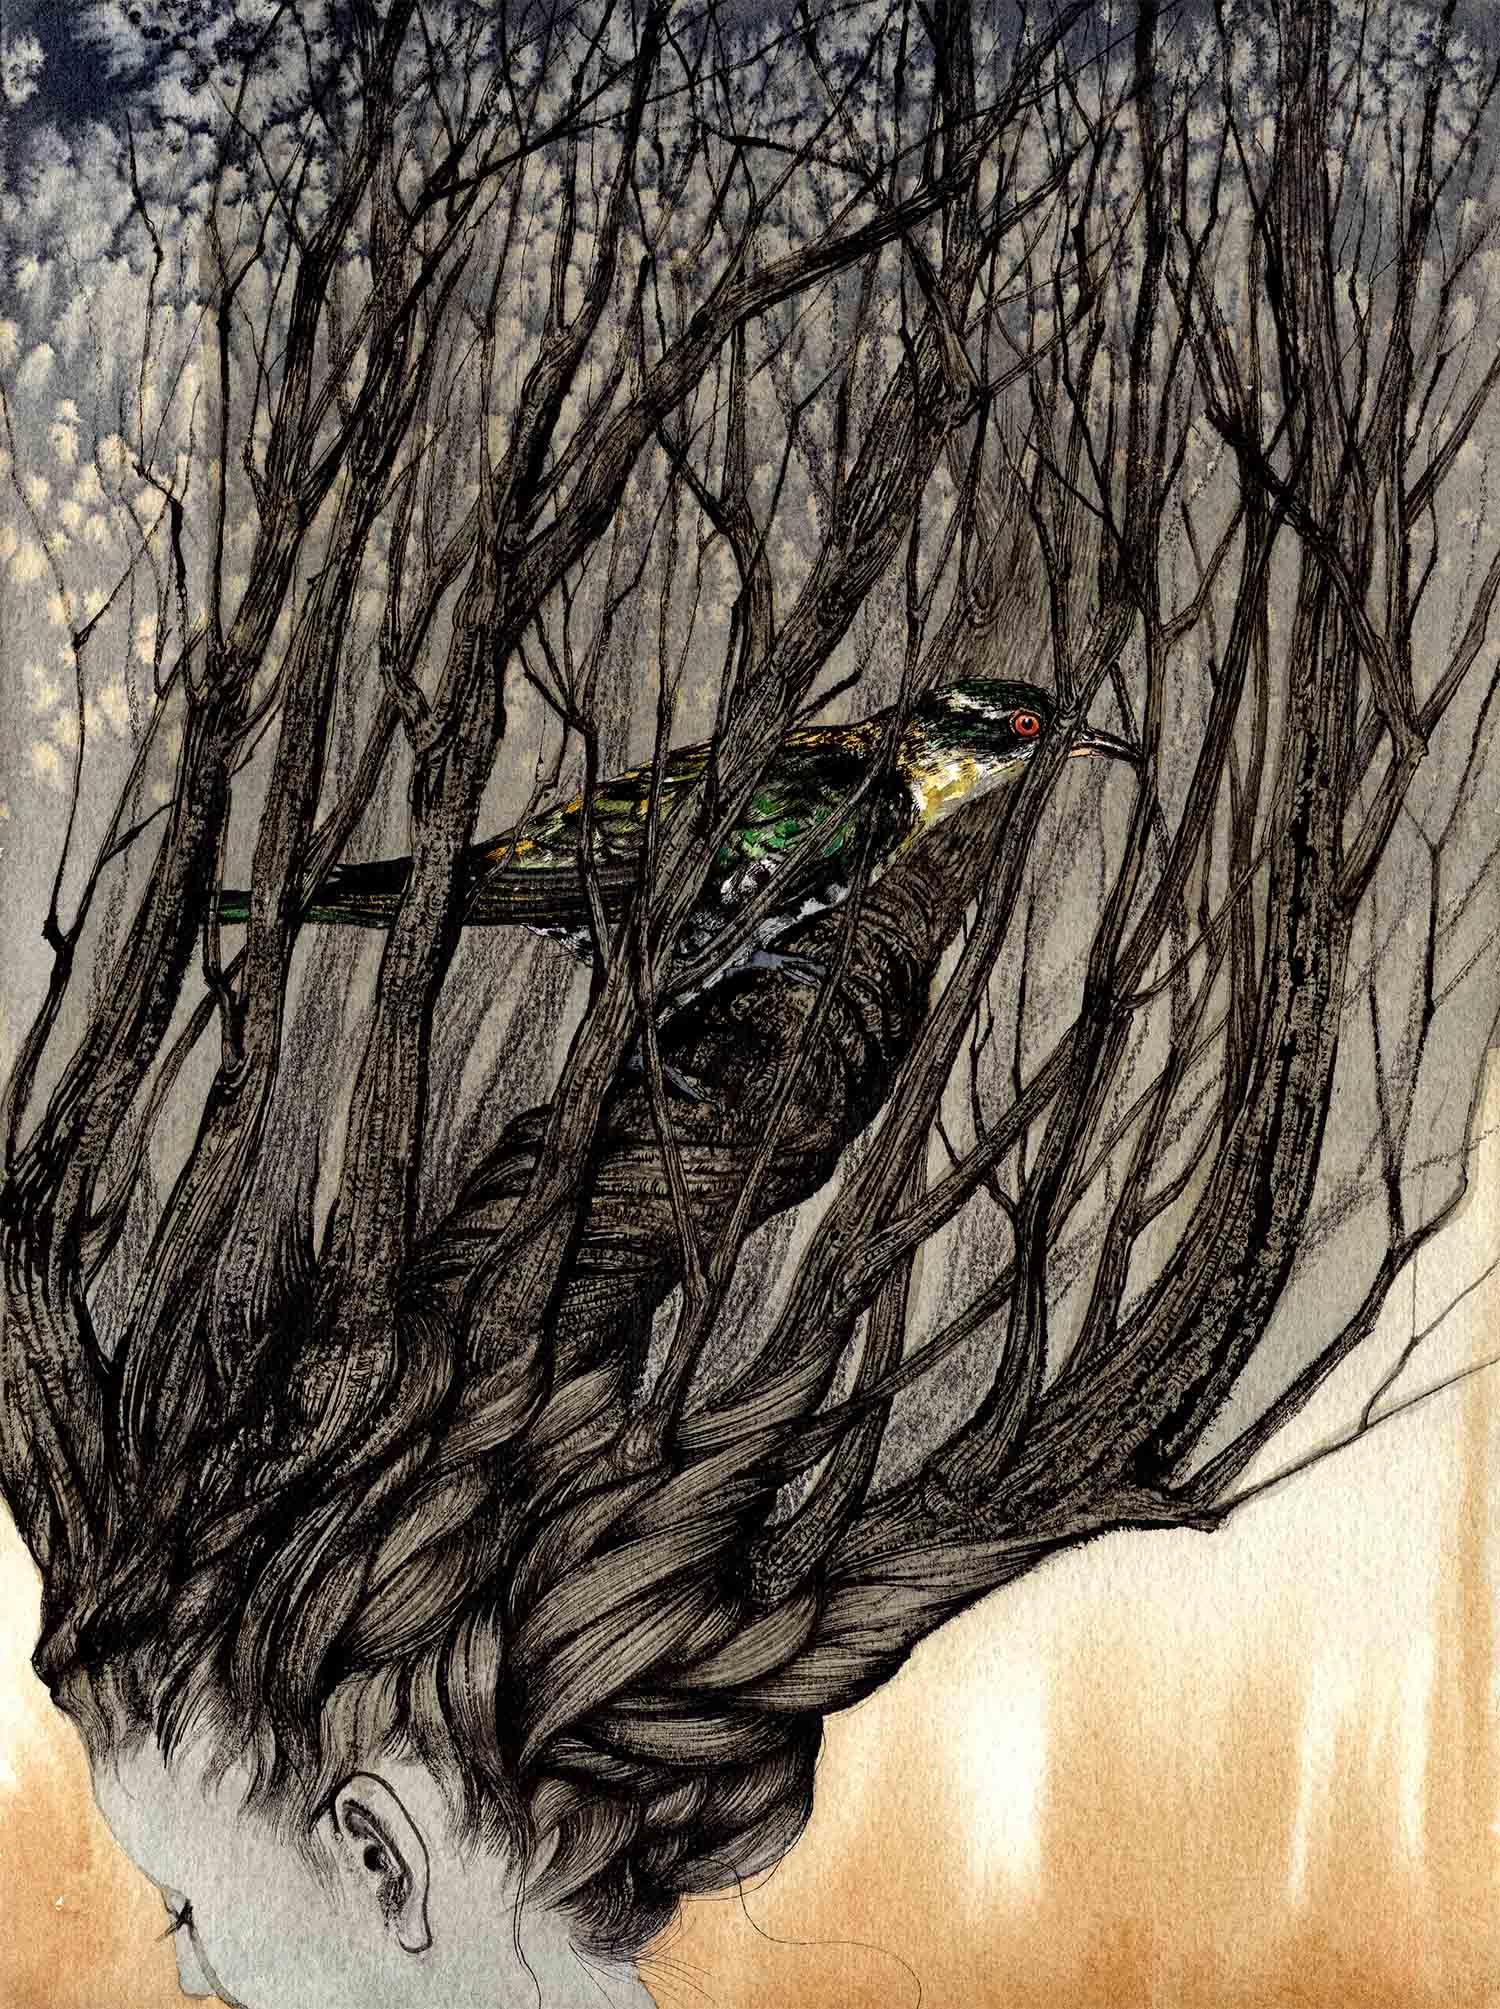 bird-cage-web.jpg